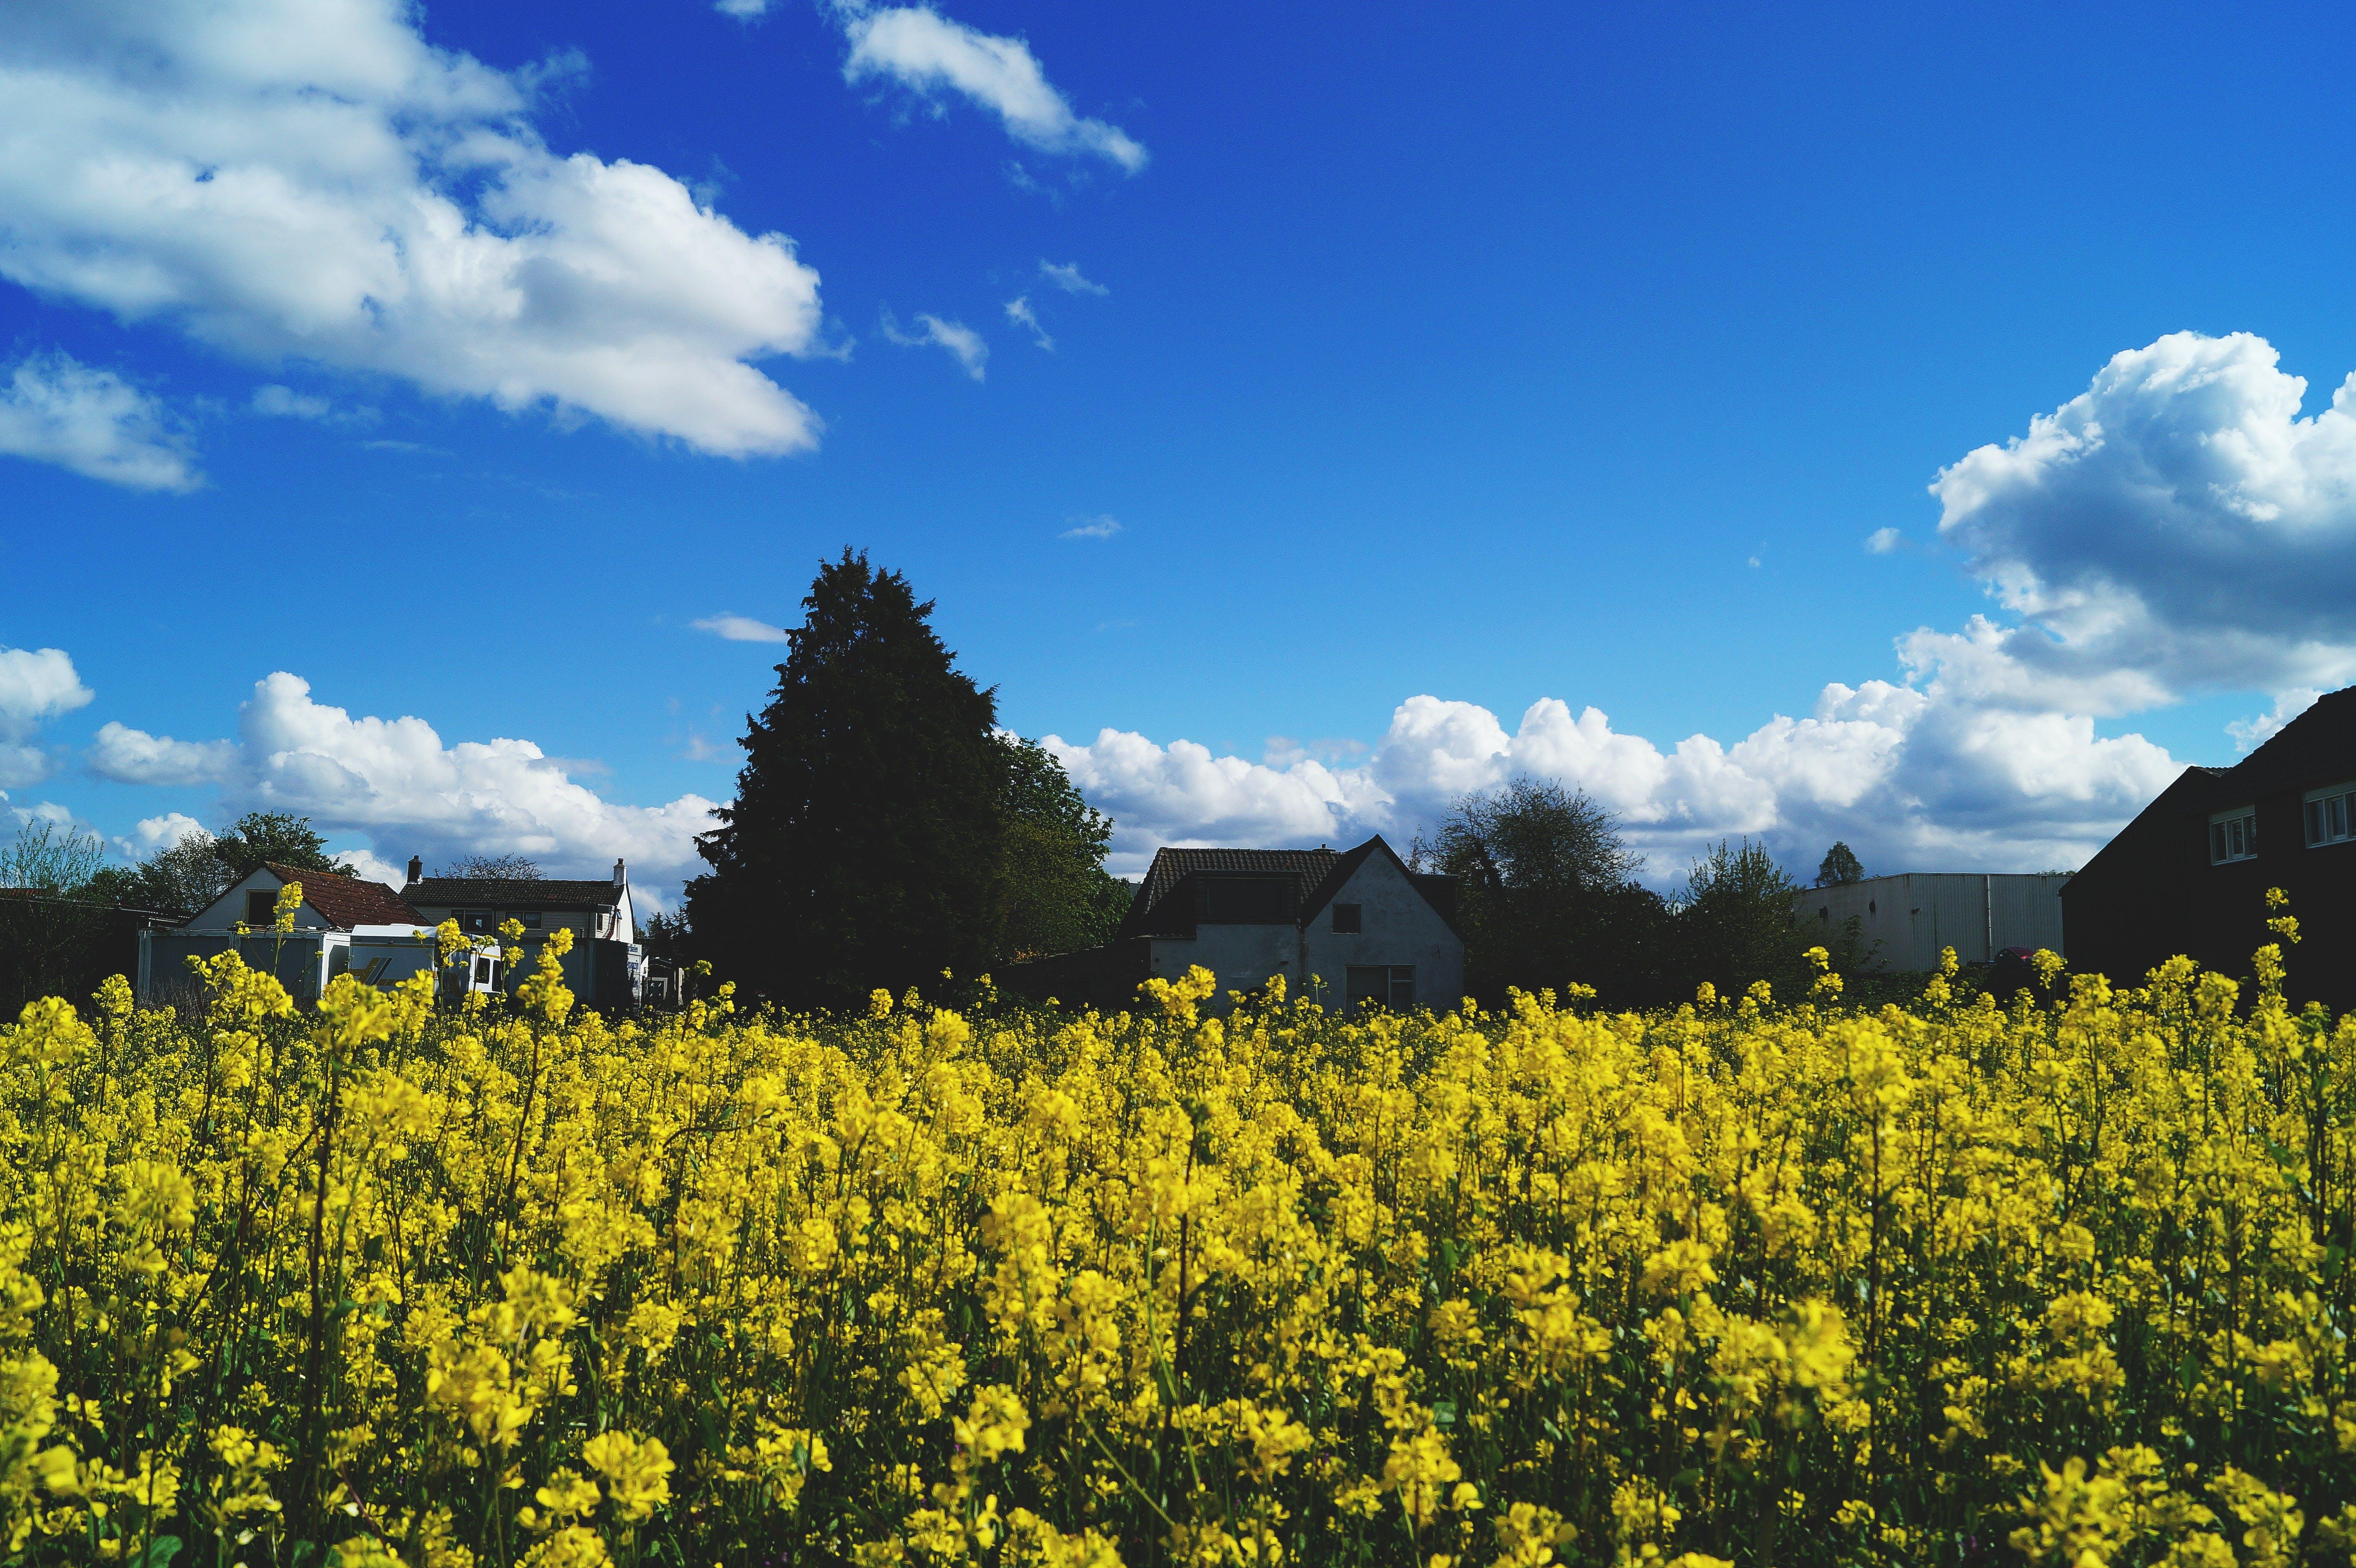 Yellow Rapeseed Flower Field Under Blue Sky